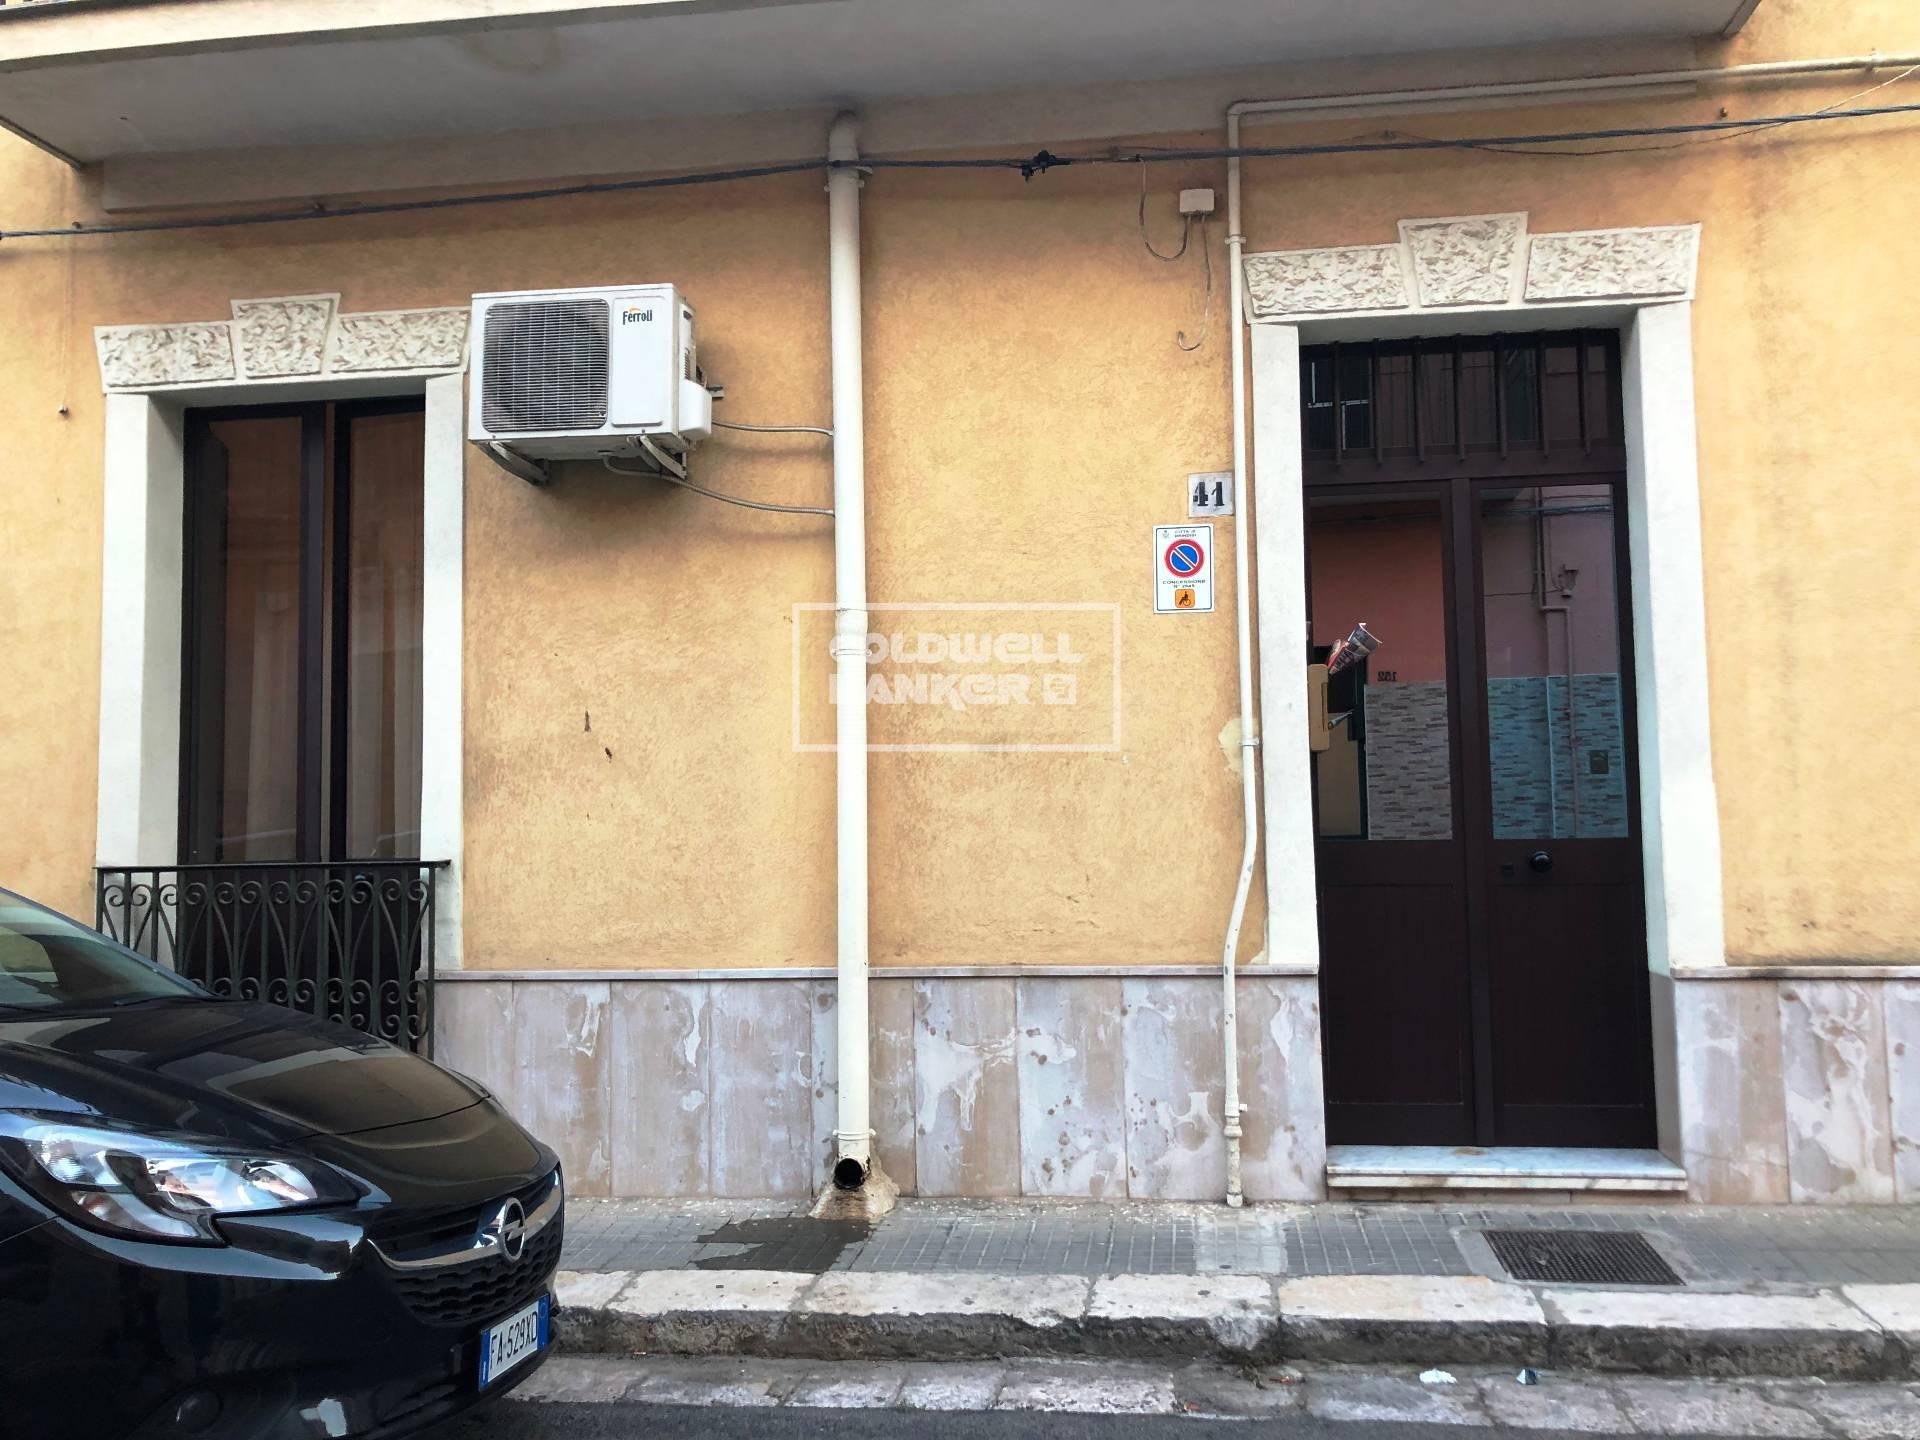 Soluzione Indipendente in vendita a Brindisi, 2 locali, zona Zona: Commenda, prezzo € 113.000 | CambioCasa.it